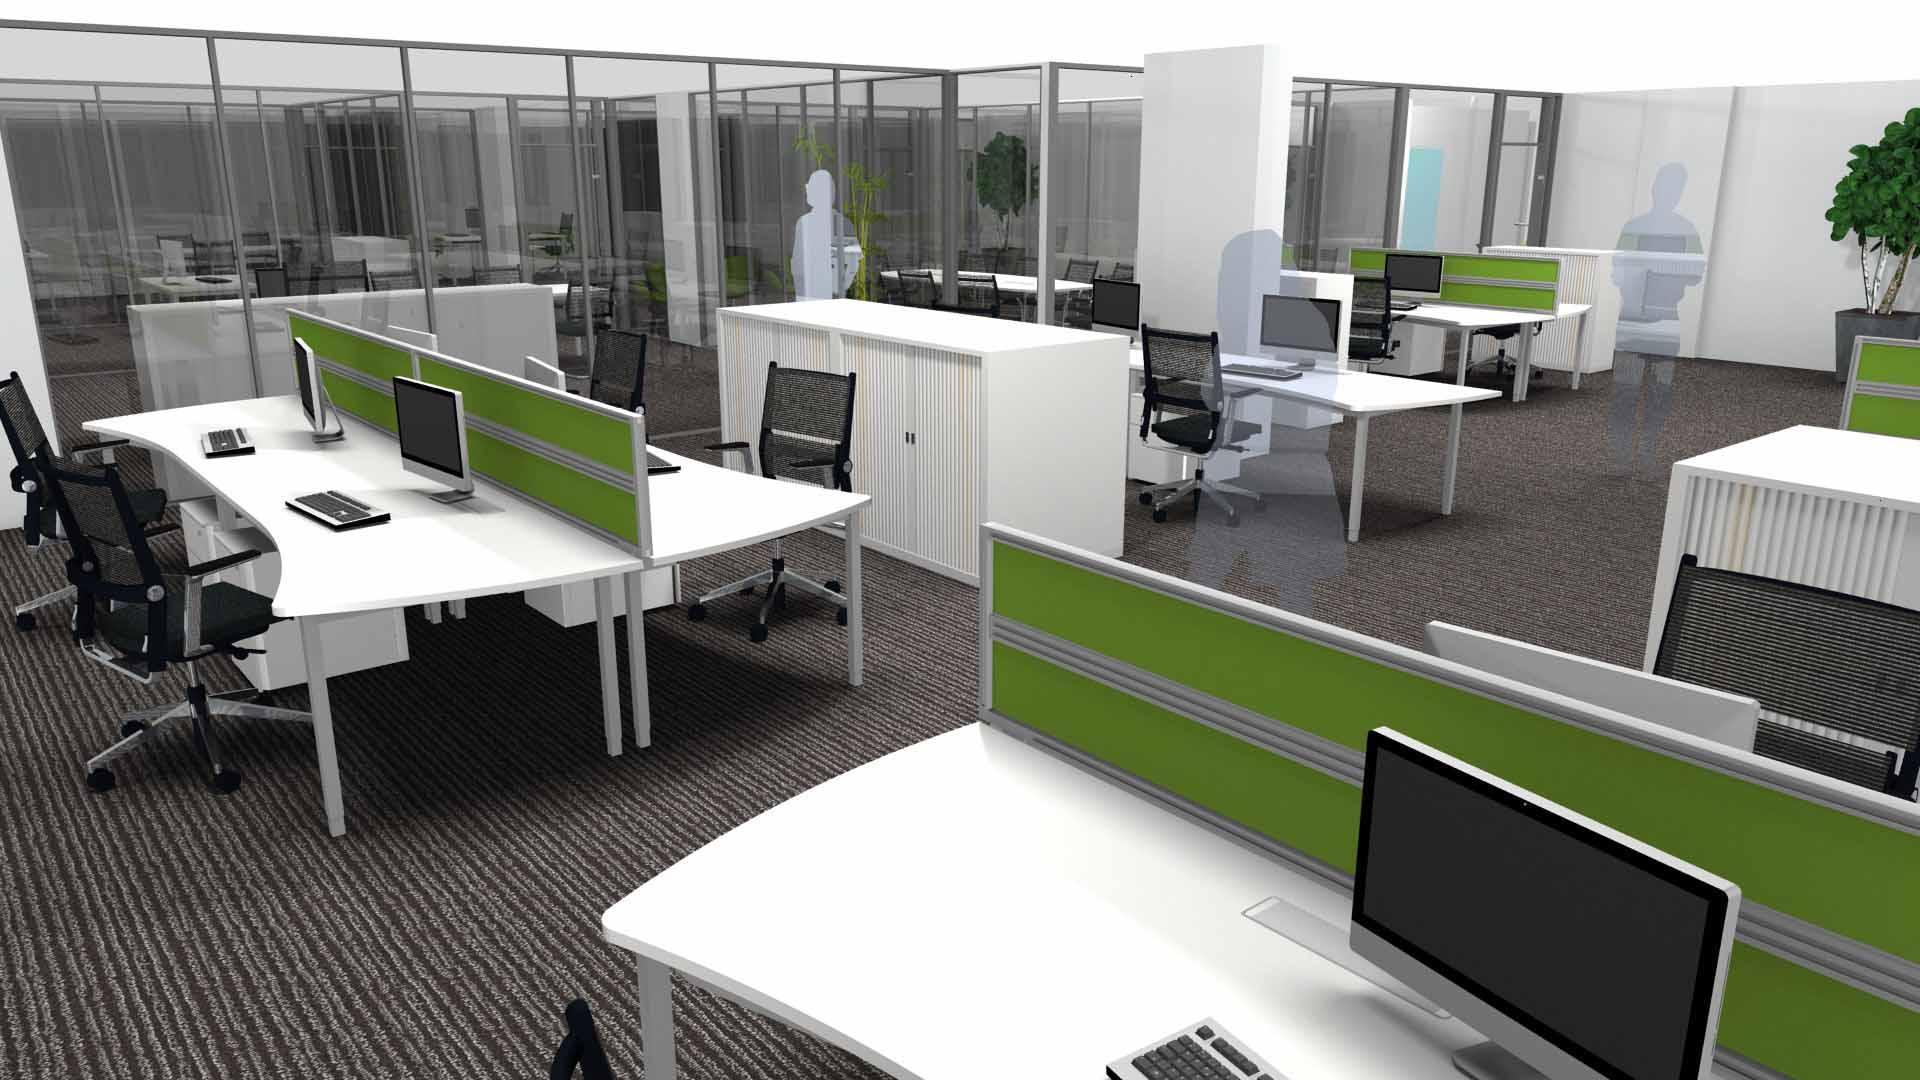 Exemple d 39 am nagement d 39 un espace de travail - Amenagement d espace de travail ...